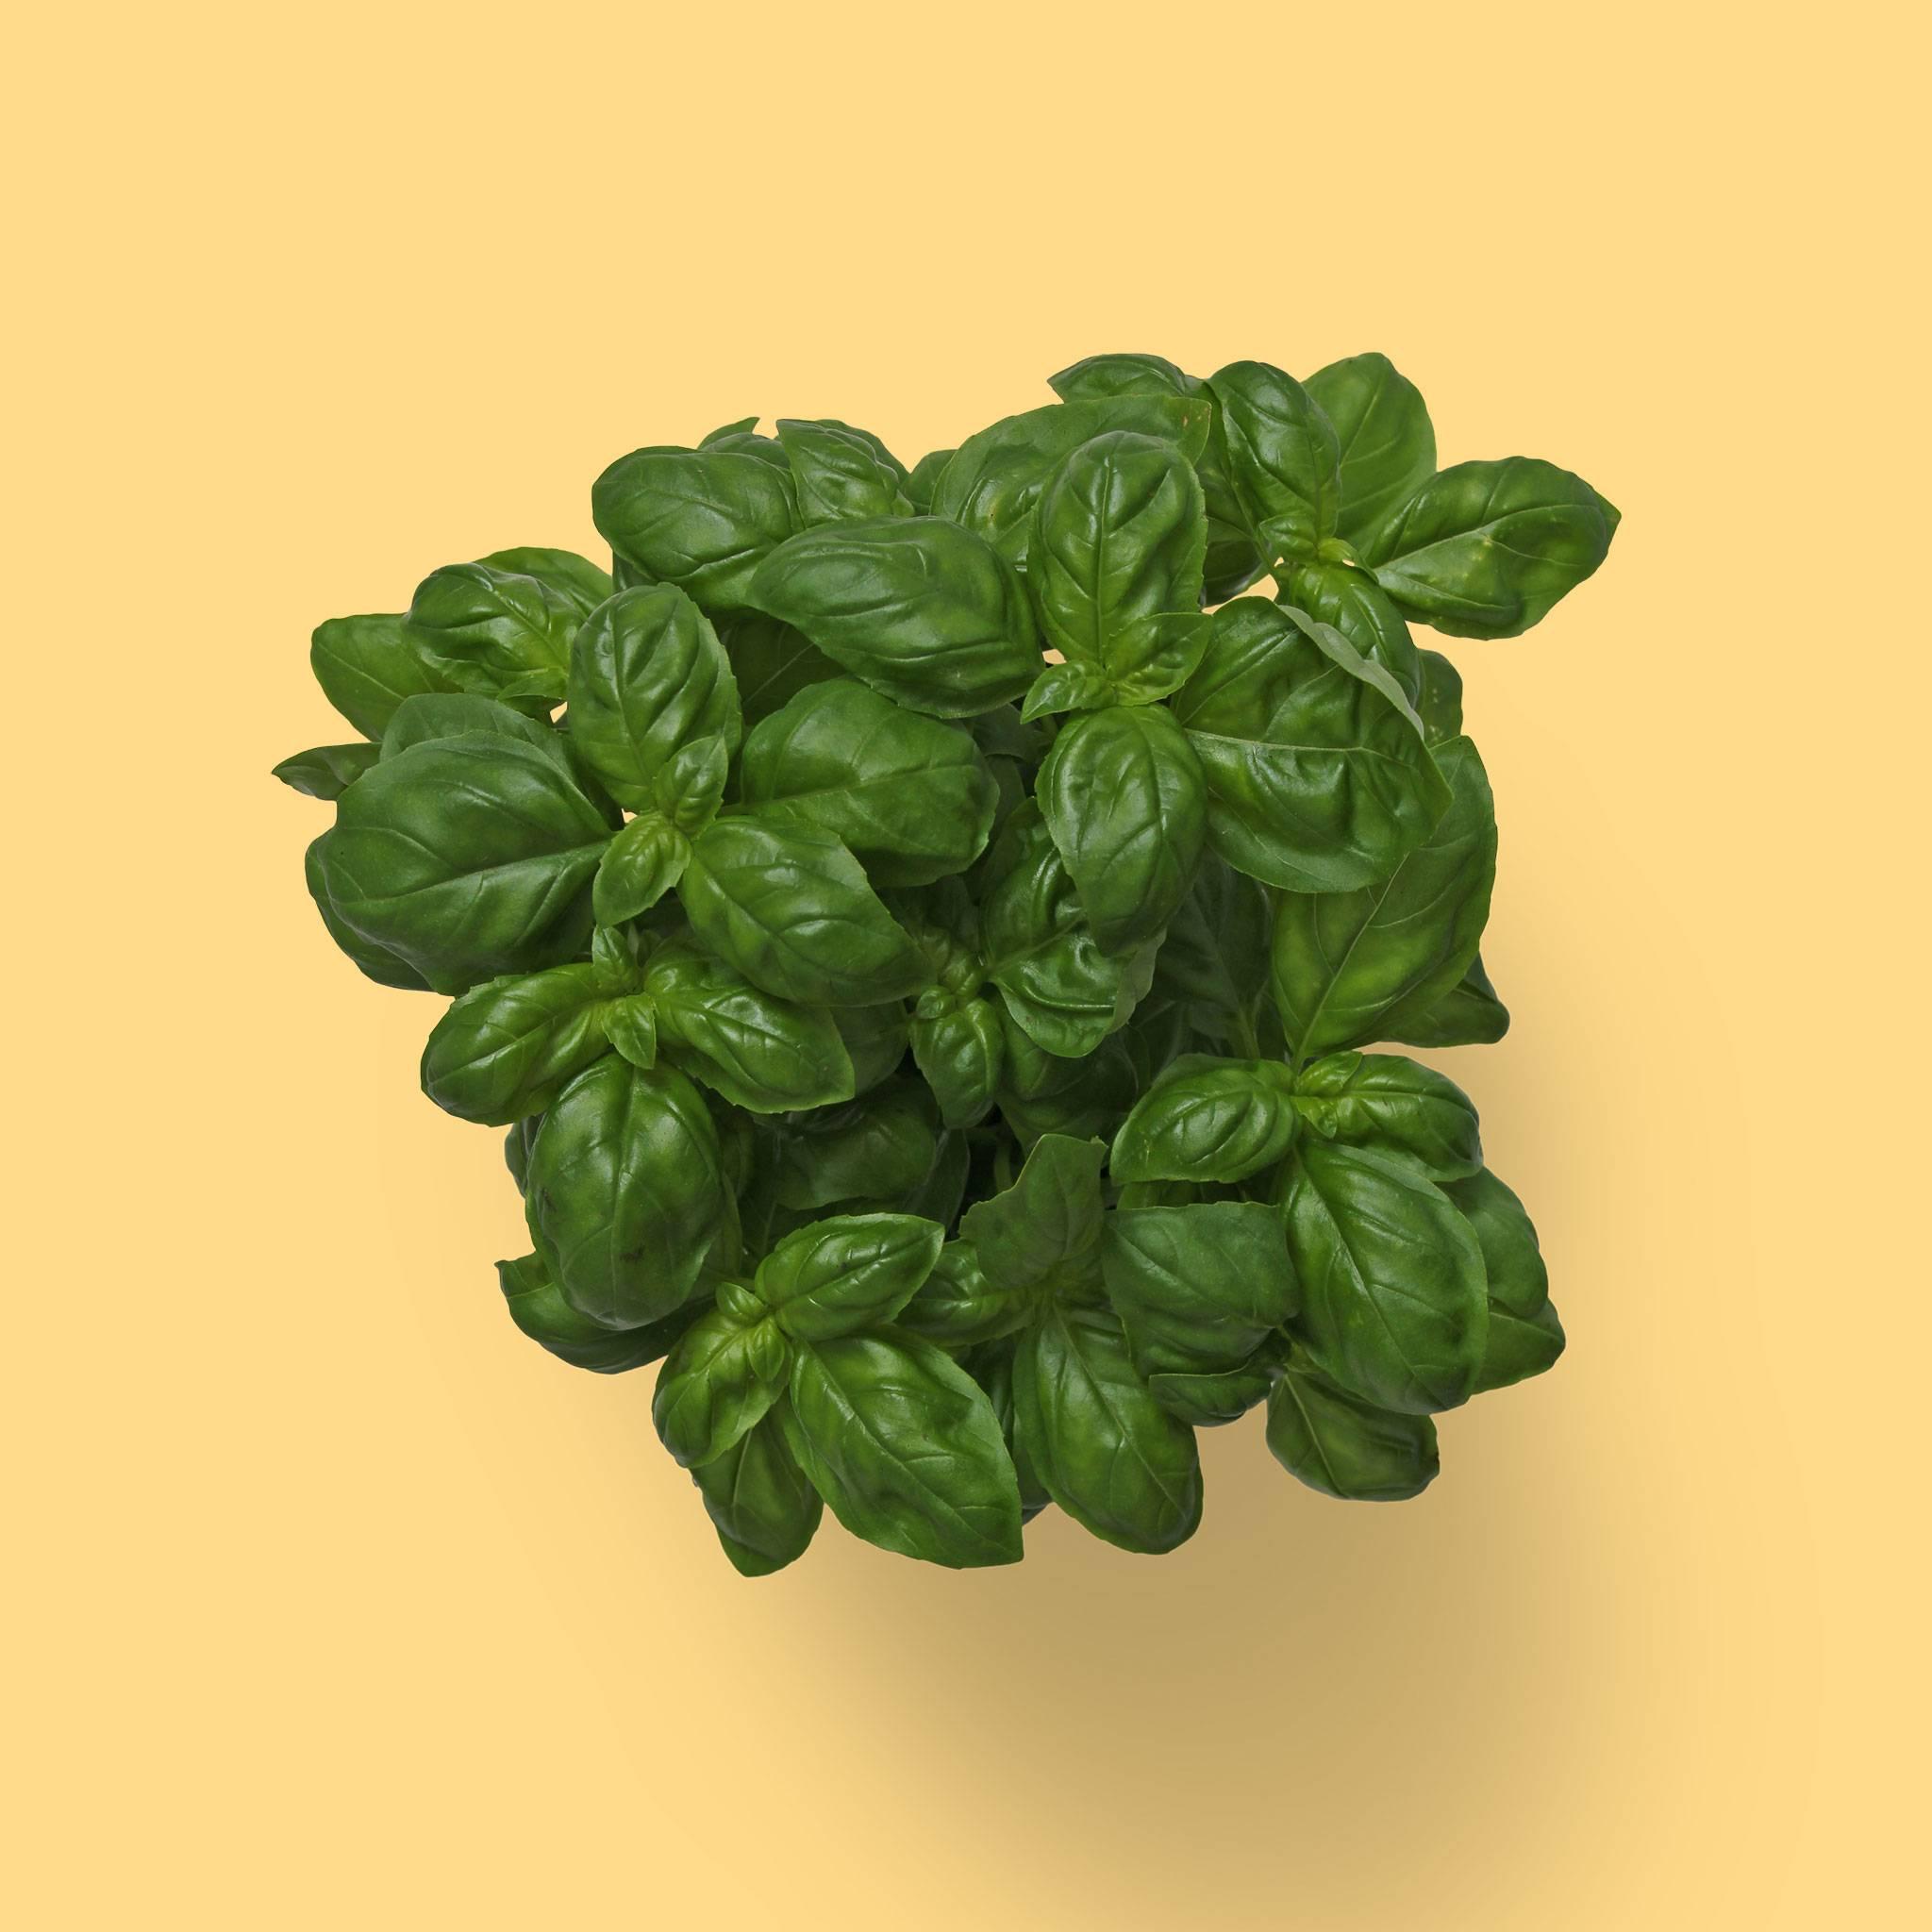 Frisk basilikum krydderurt